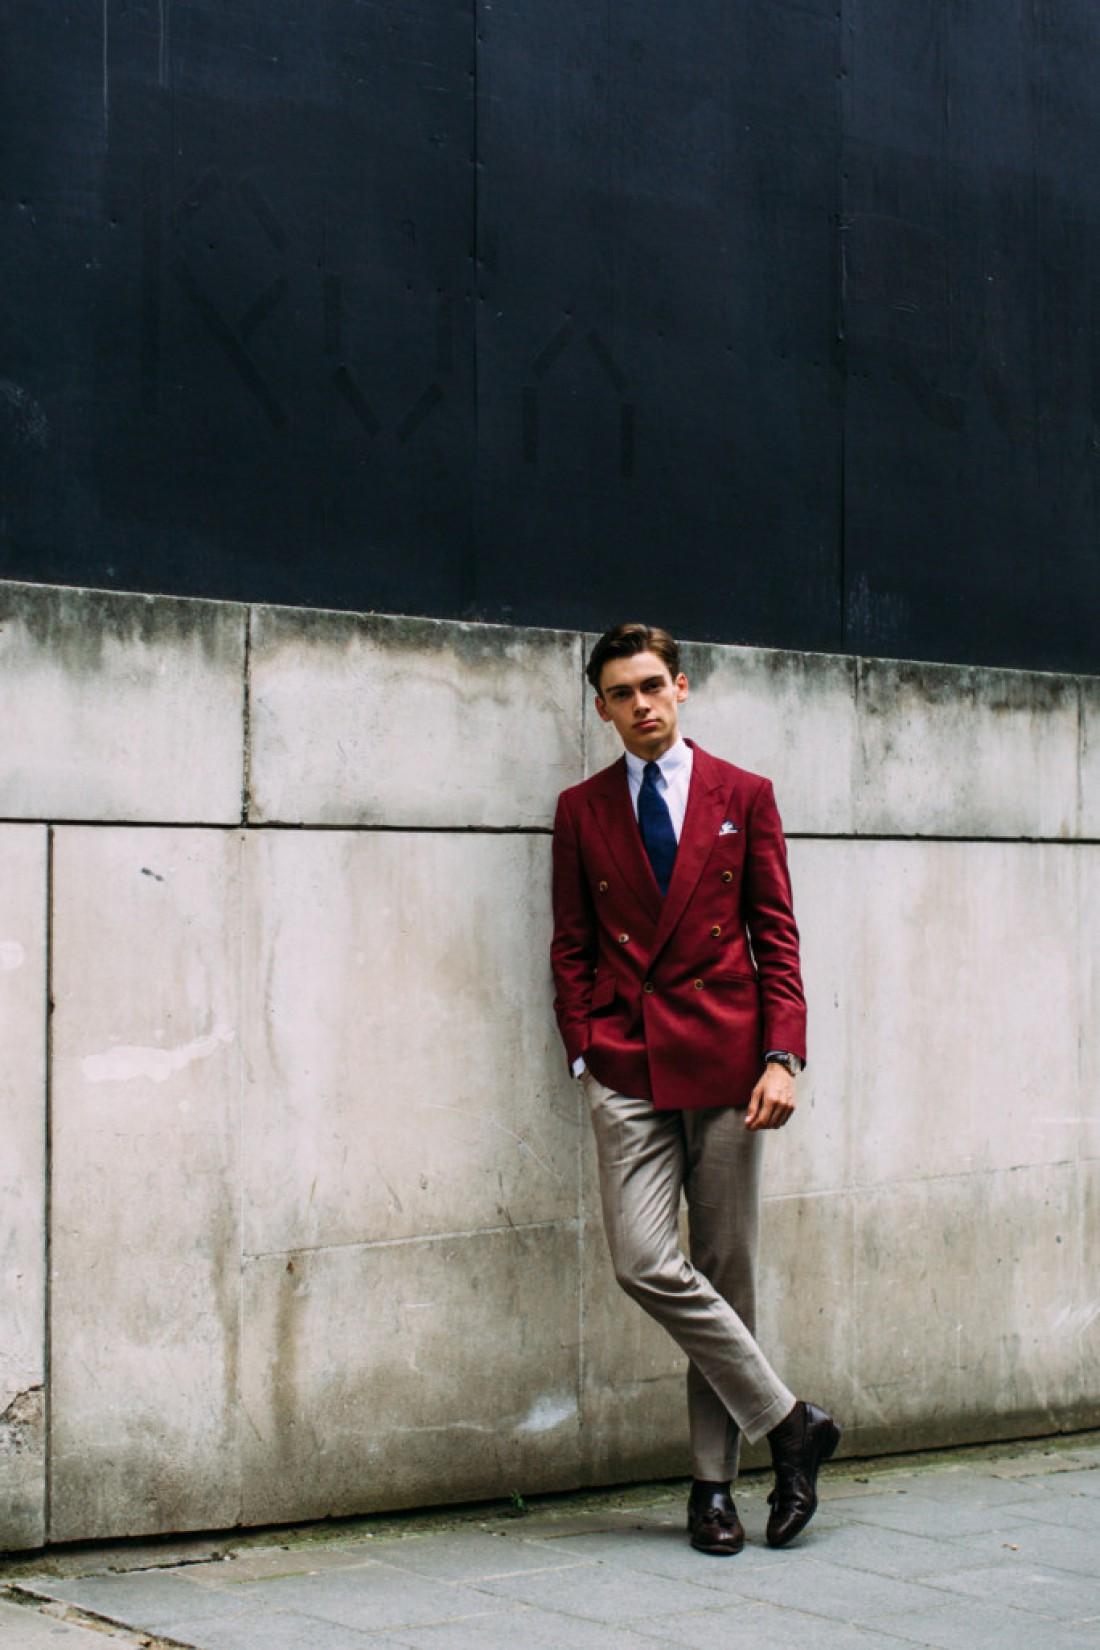 Лондонская неделя моды 2018. Один из самых сдержанно-стильных экспонатов